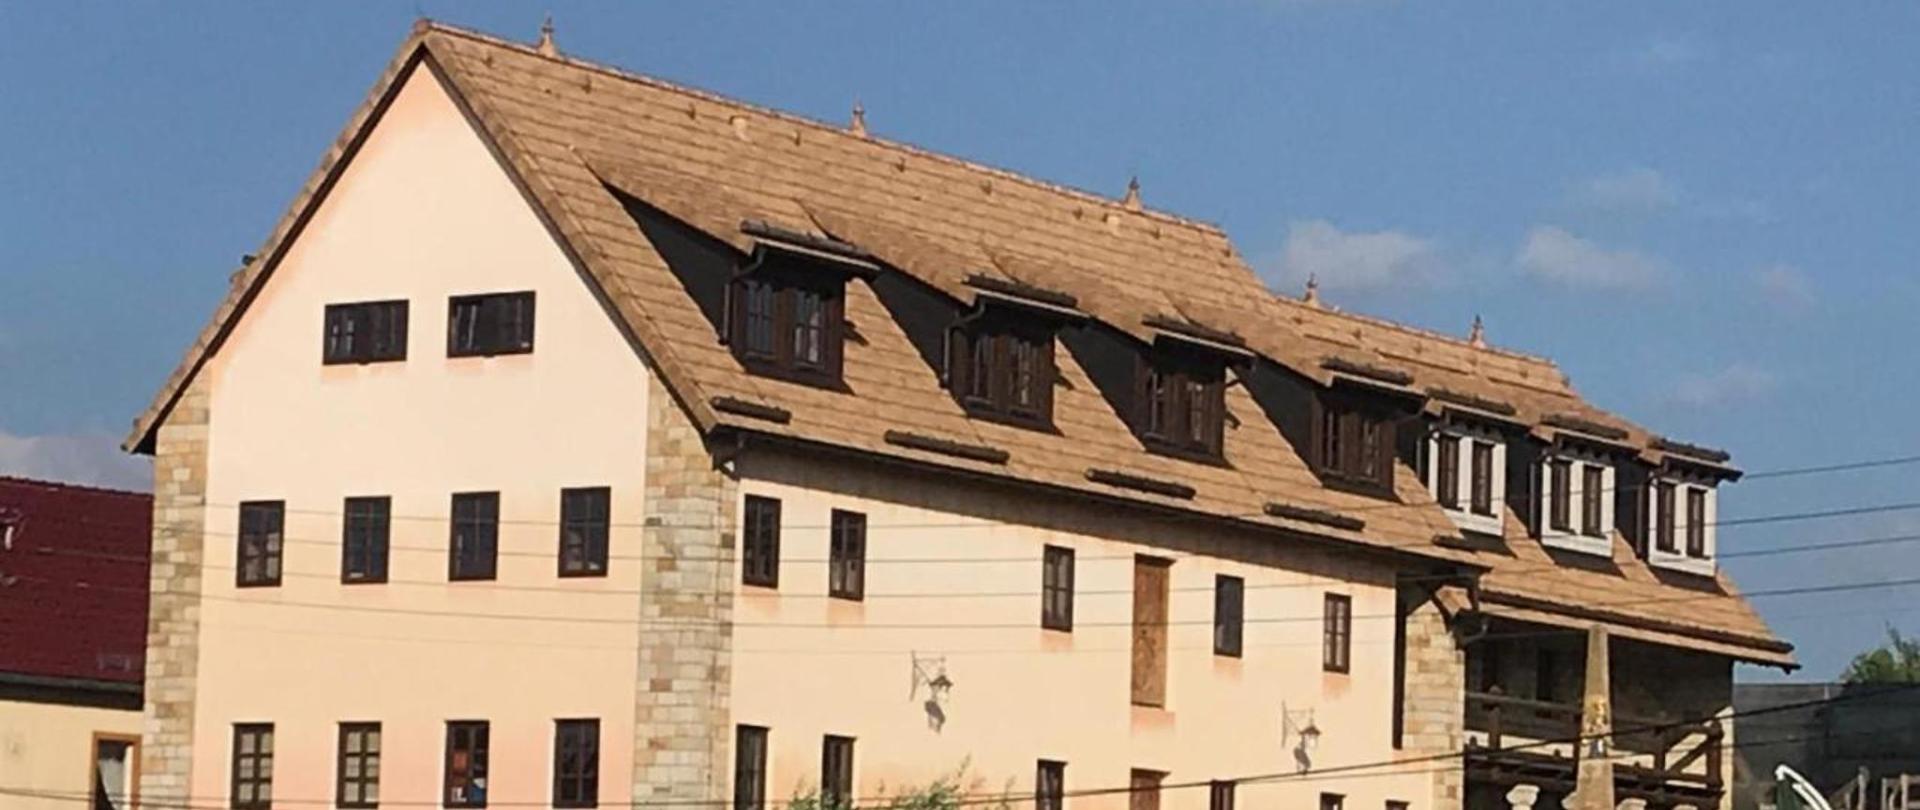 Suur suure voodiga apartement 2 täiskasvanutele + 6 last Dresdeni lähedal